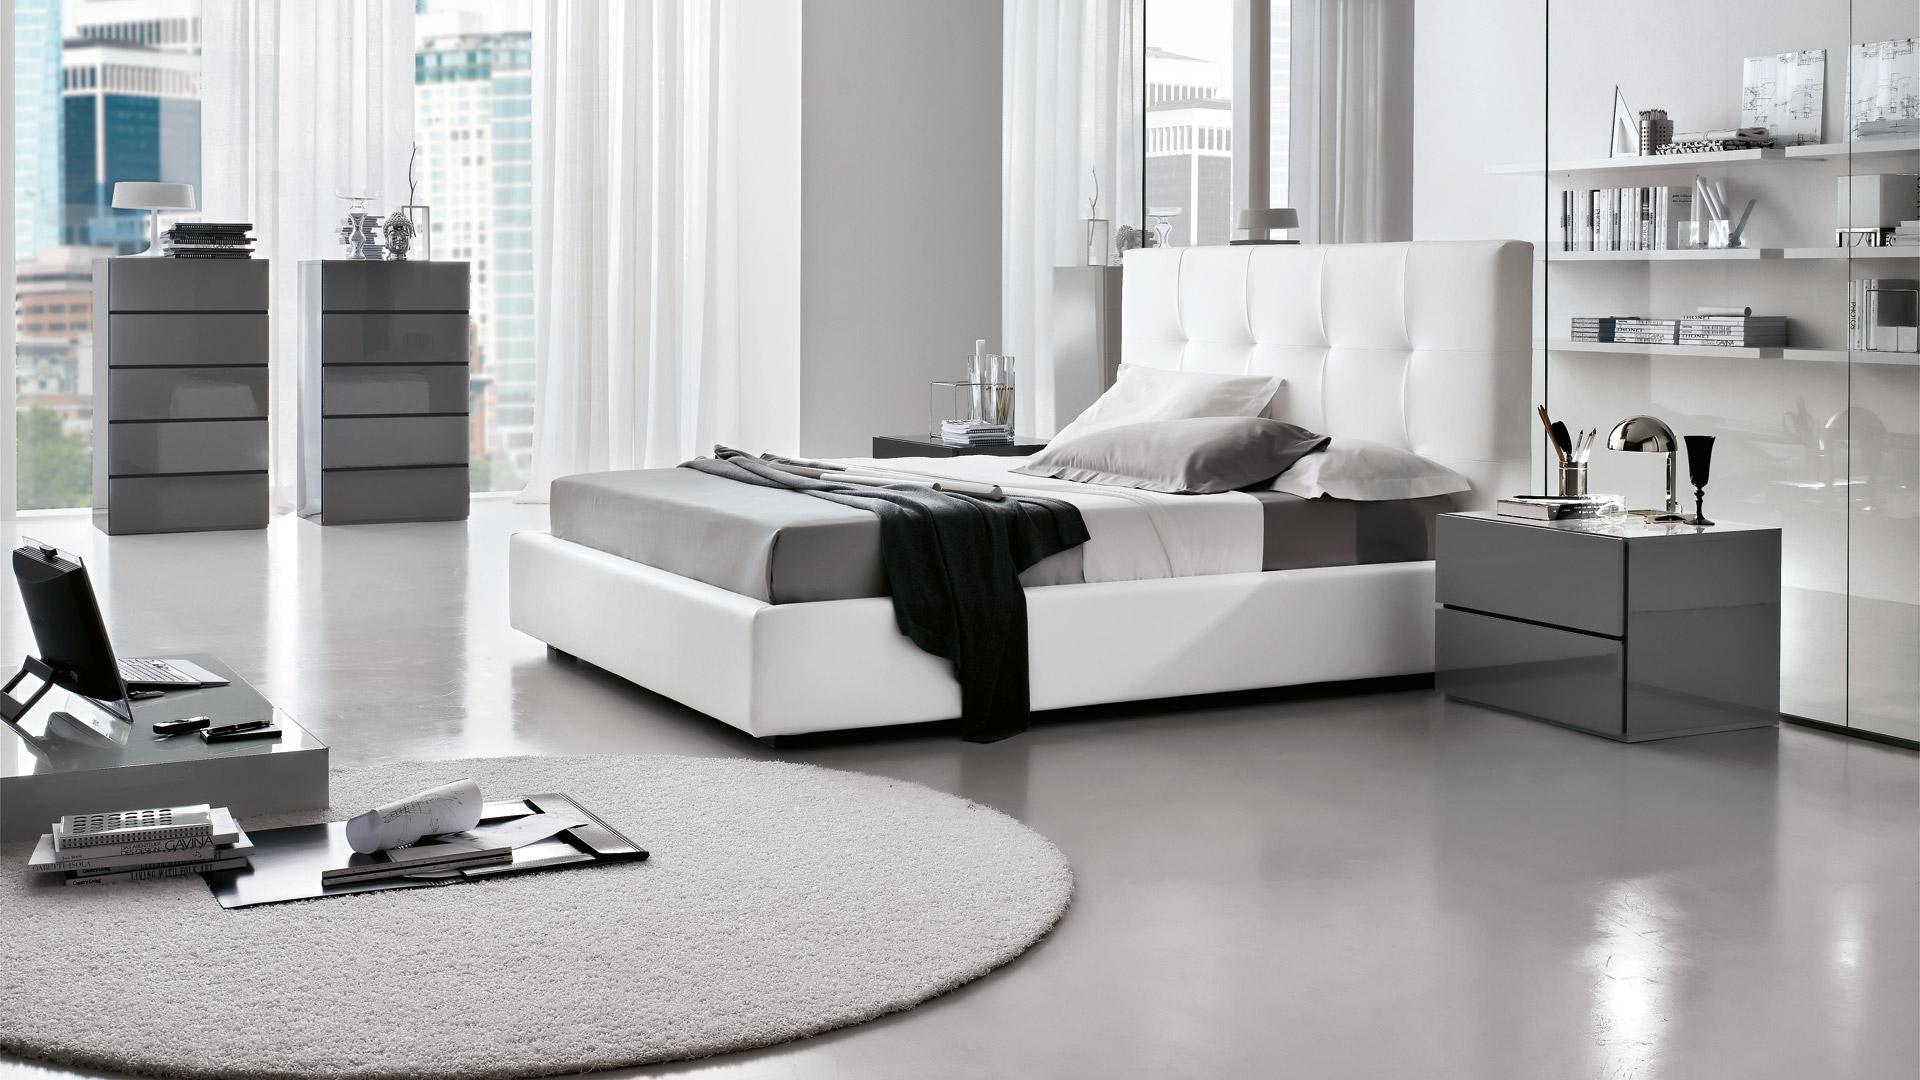 Camera da letto santalucia projecta 29 arredamenti lupo - Camera da letto santa lucia ...